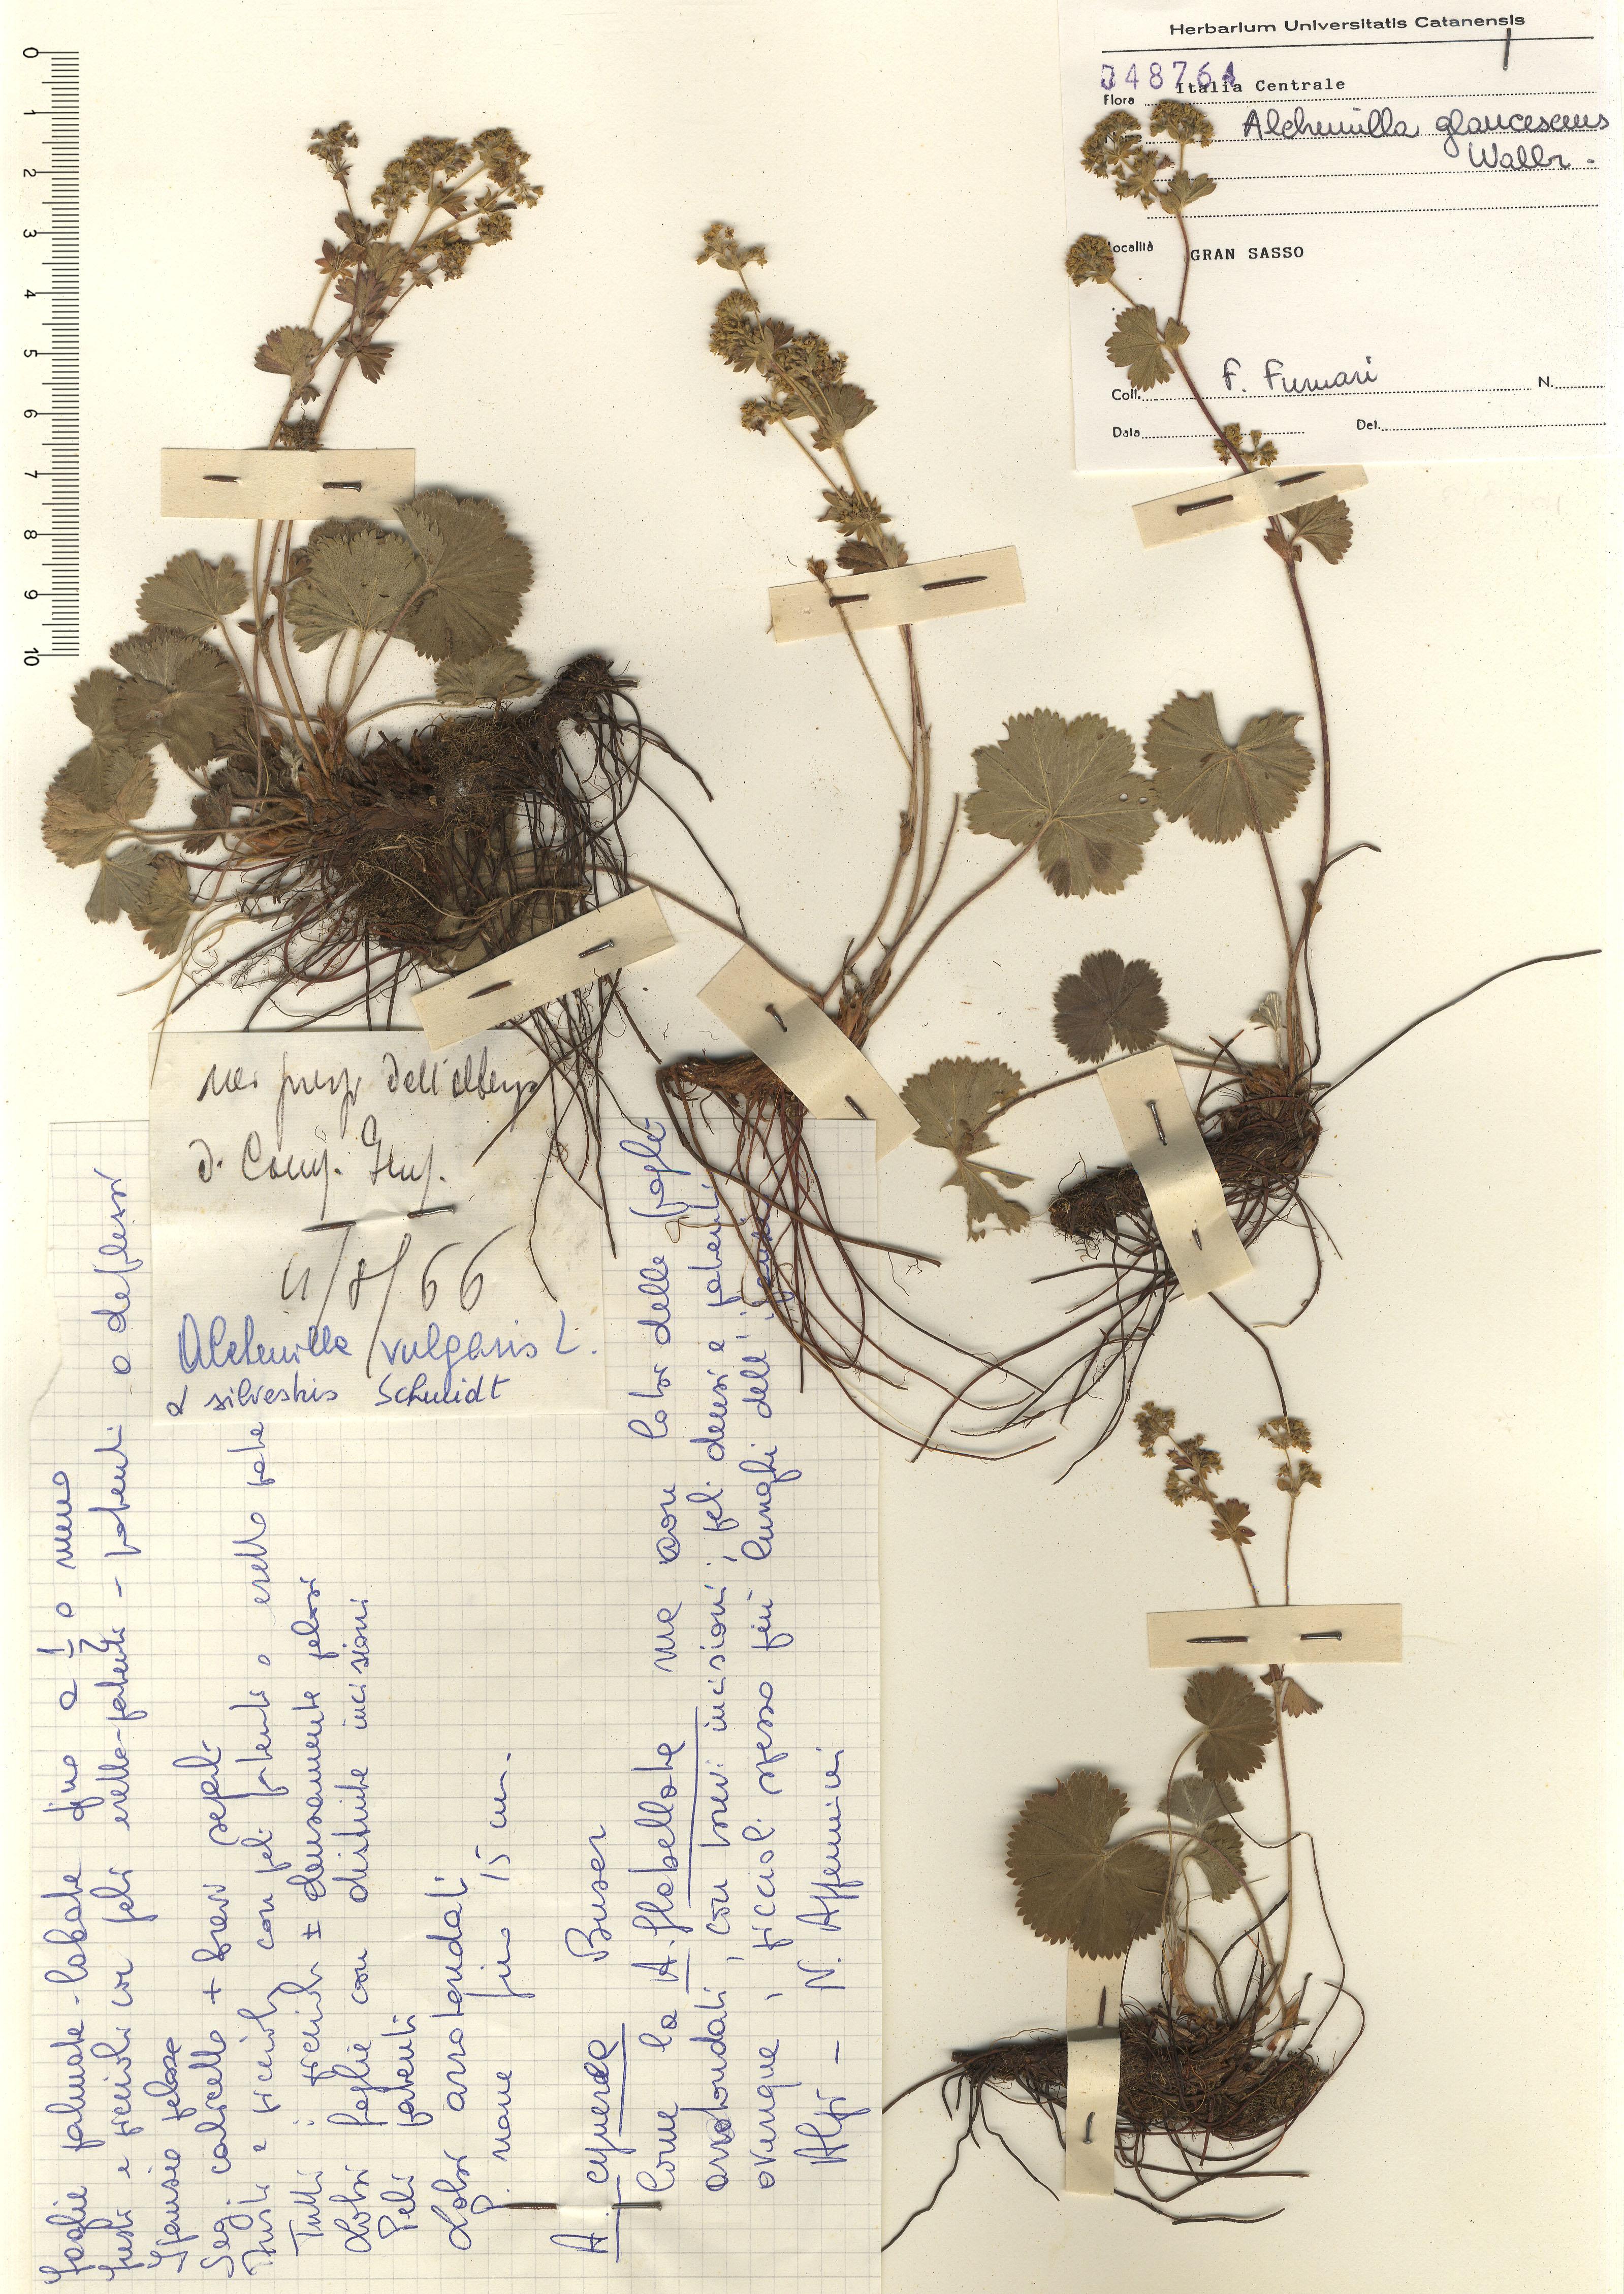 © Hortus Botanicus Catinensis - Herb. sheet 048764<br>